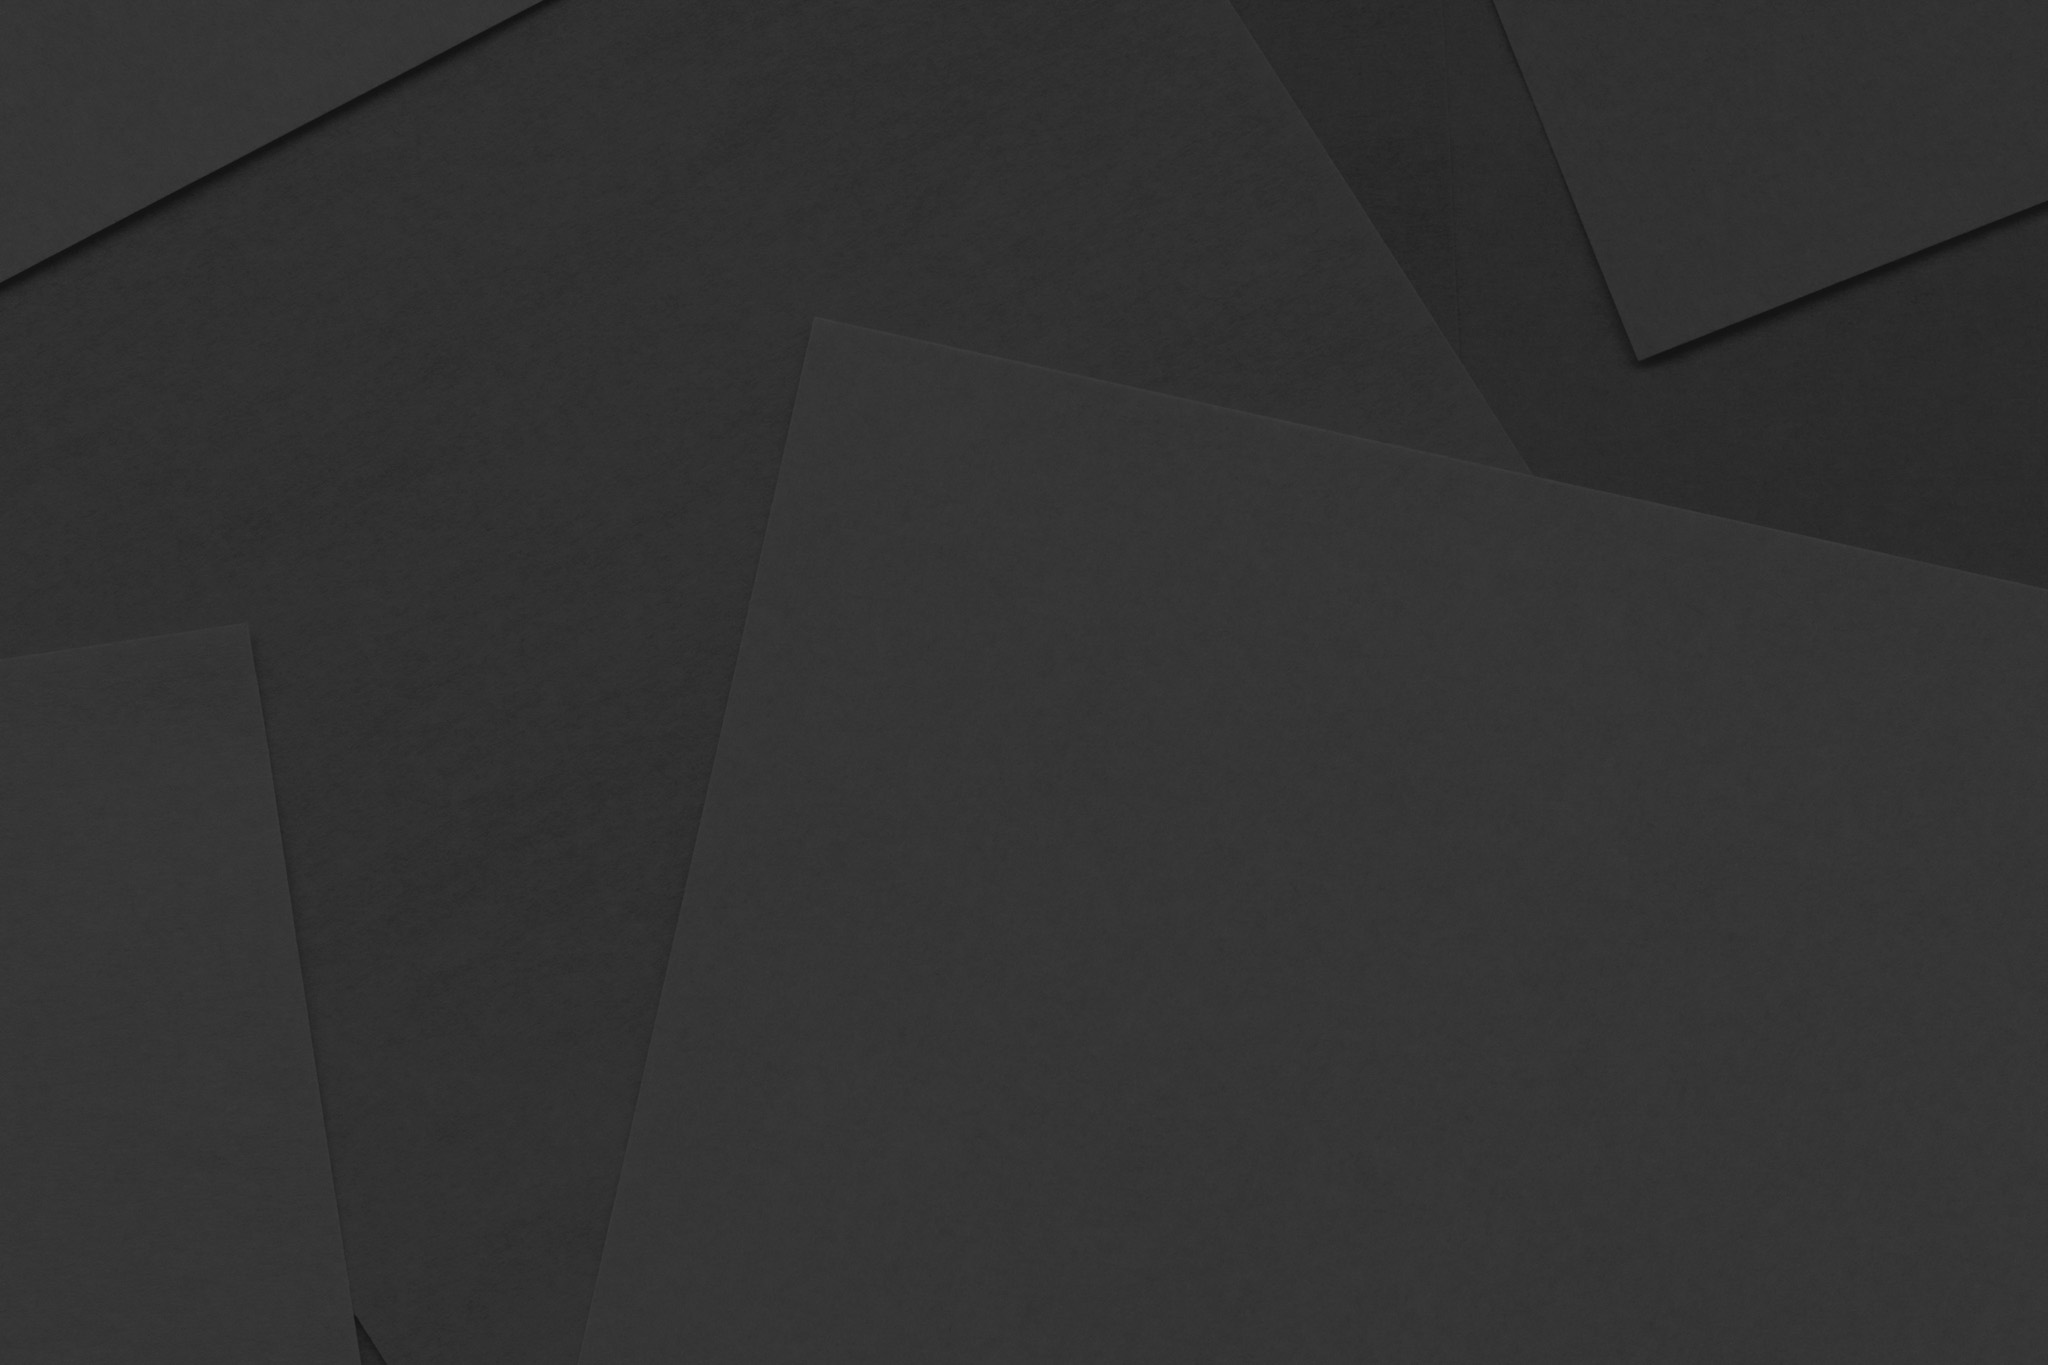 クールな黒色のシンプルな壁紙 の画像素材を無料ダウンロード 1 フリー素材 Beiz Images